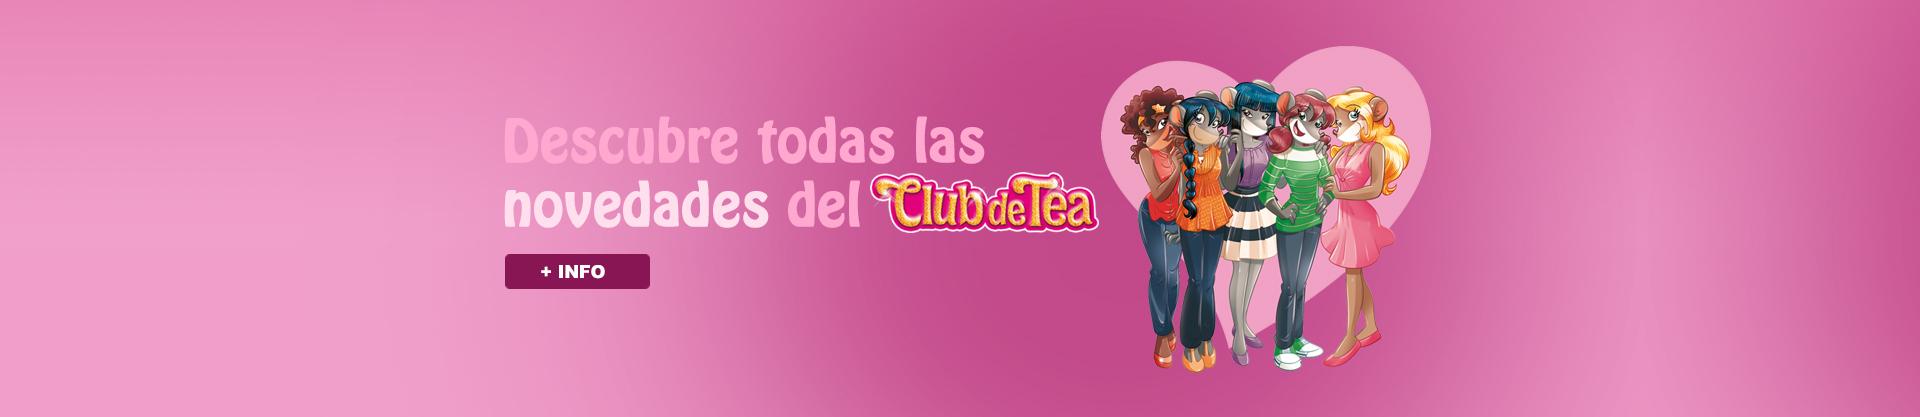 Descubre todas las novedades del Club de Tea